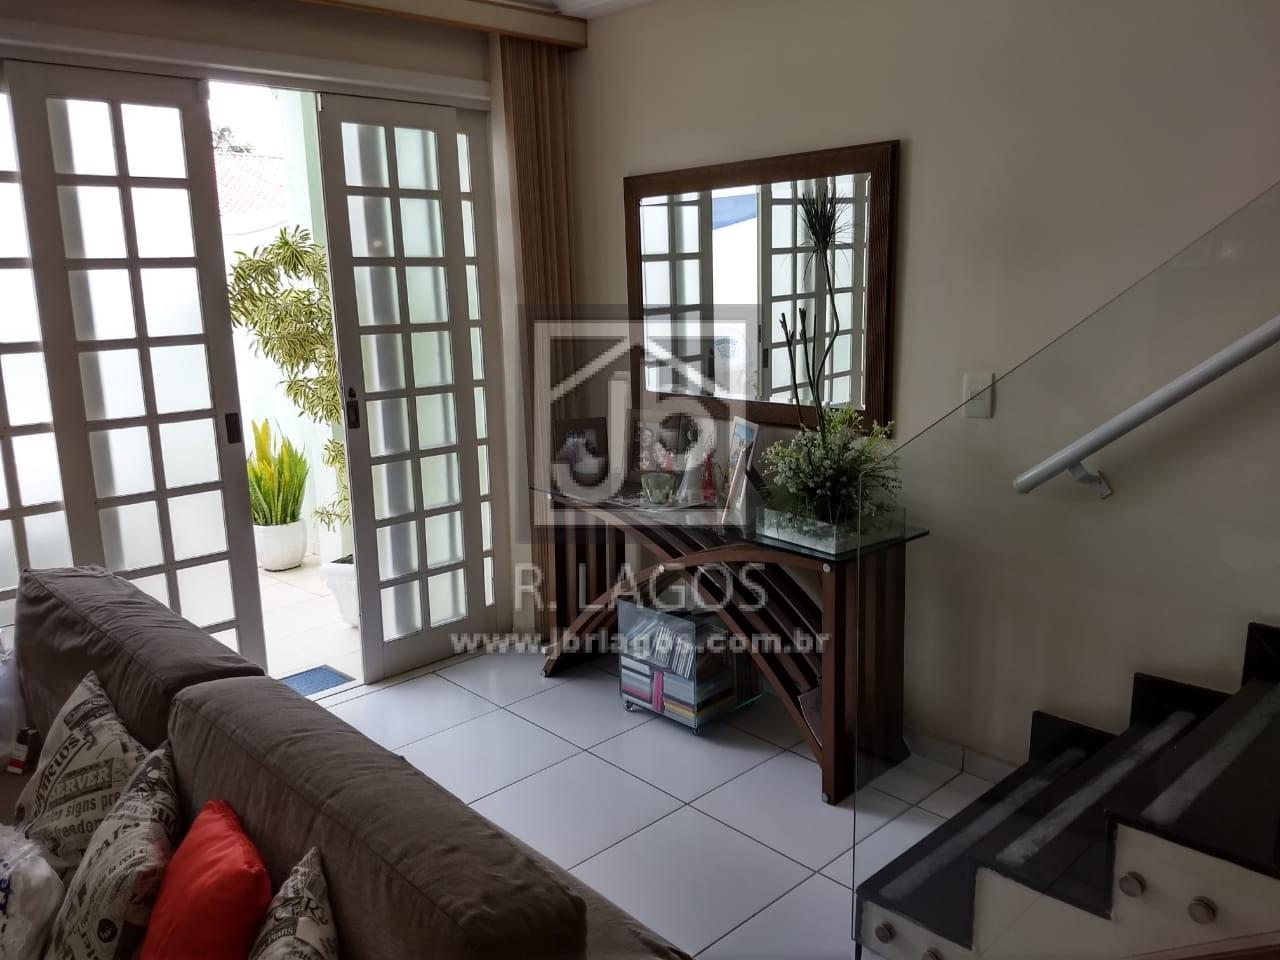 Linda casa independente, localização estratégica, rua tranquila, a pé para o Centro de Cabo Frio